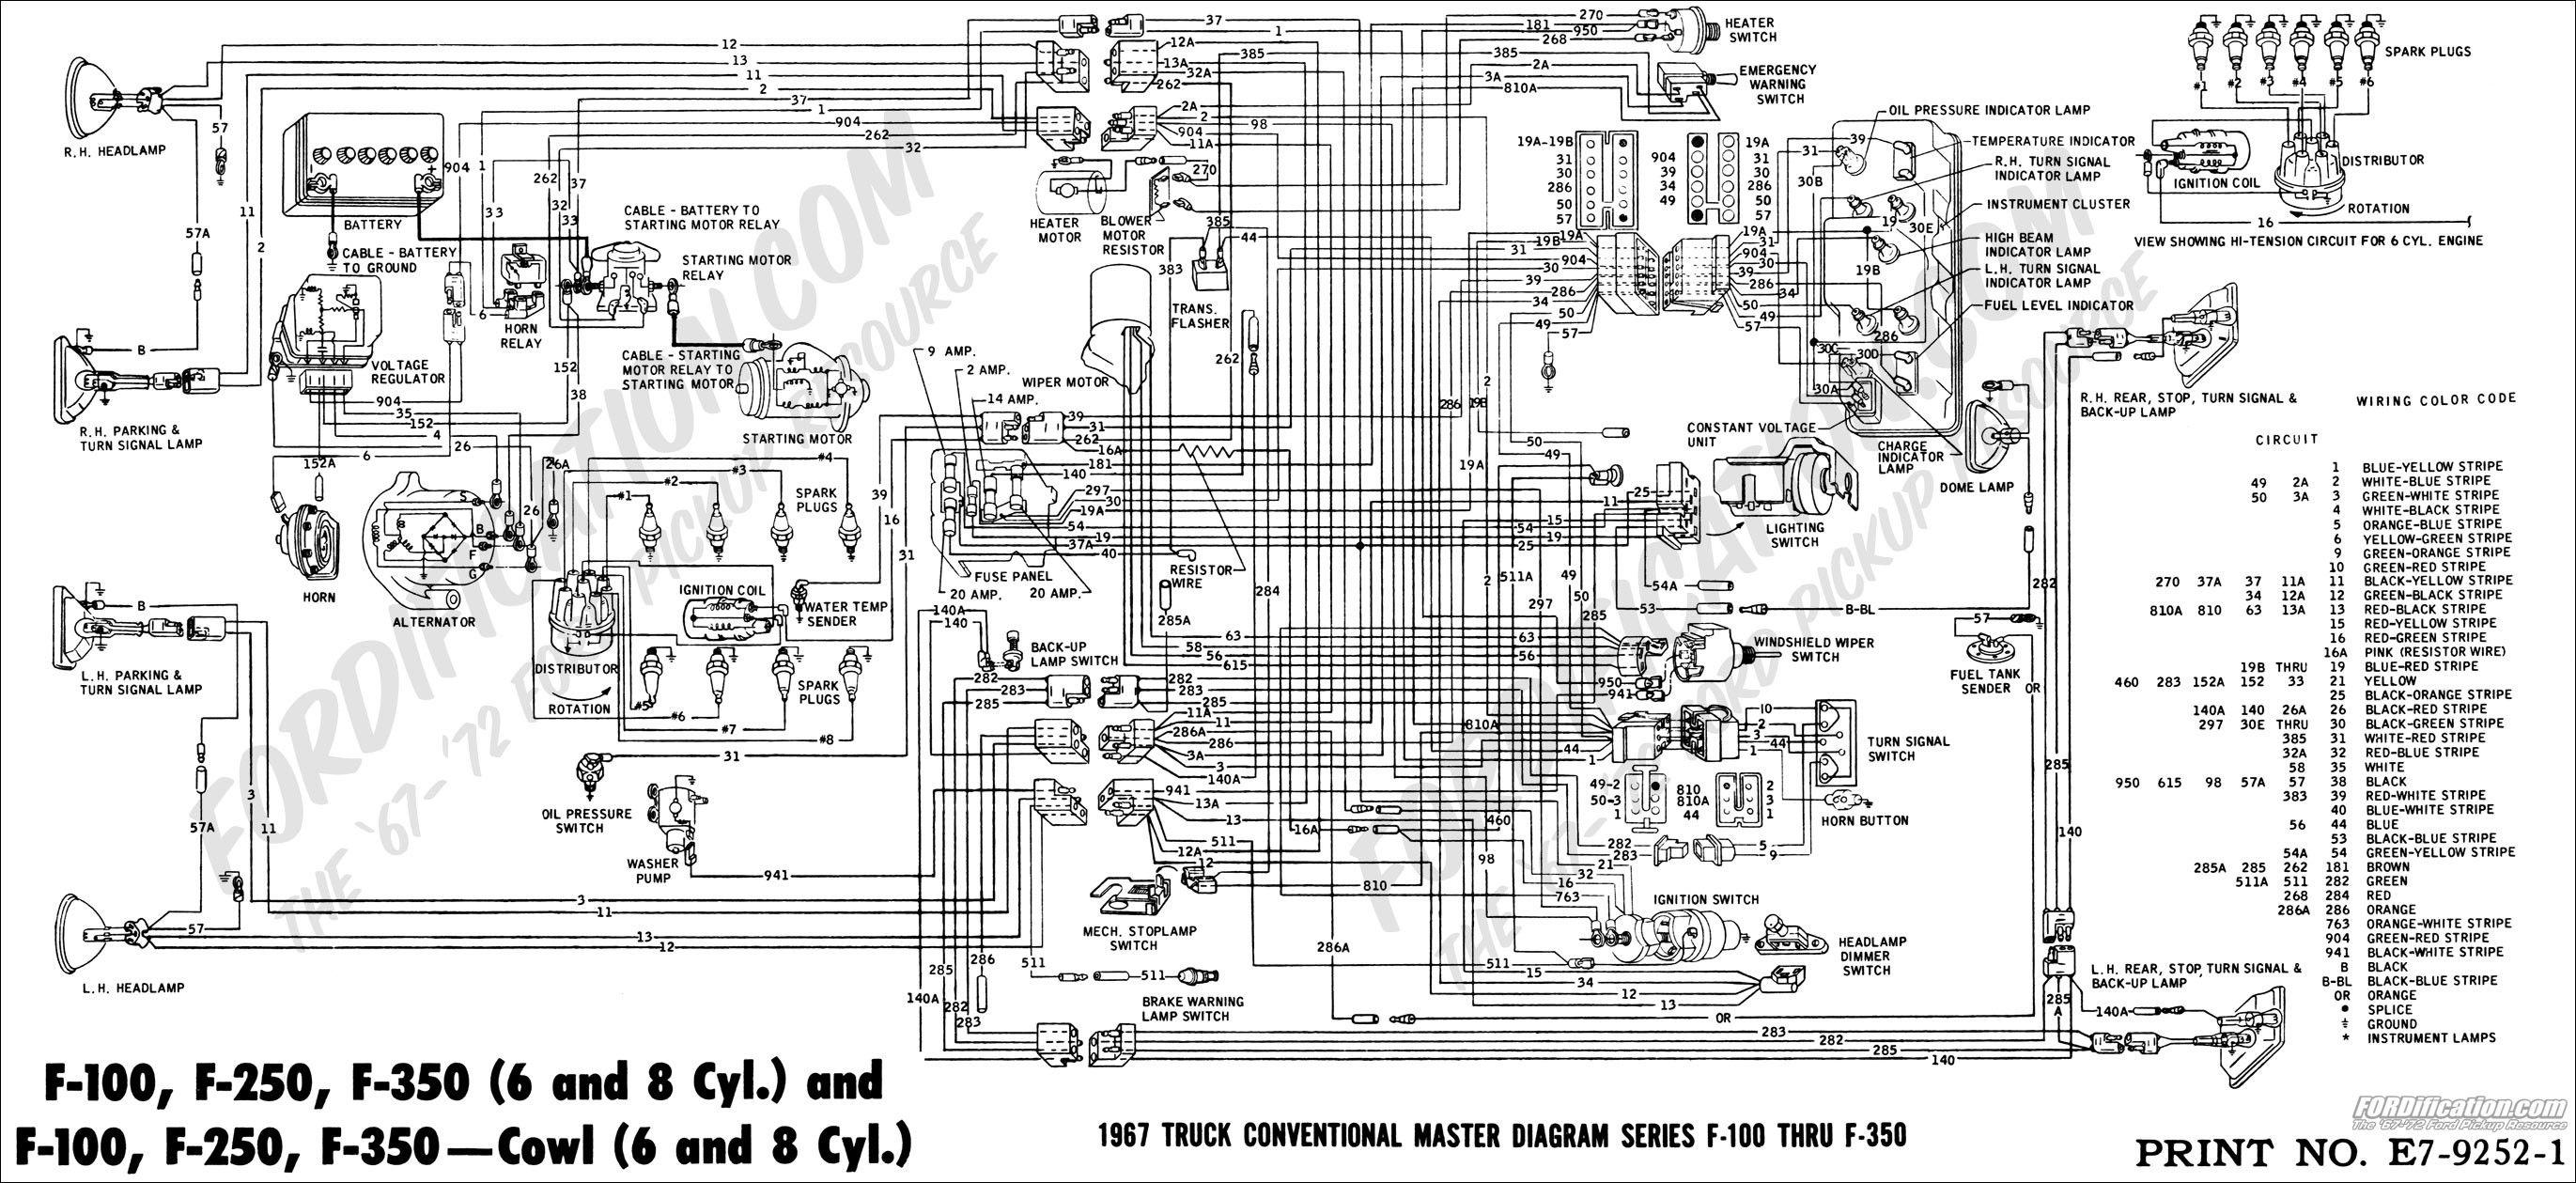 Unique Car Ac Wiring Diagram Pdf diagramsample